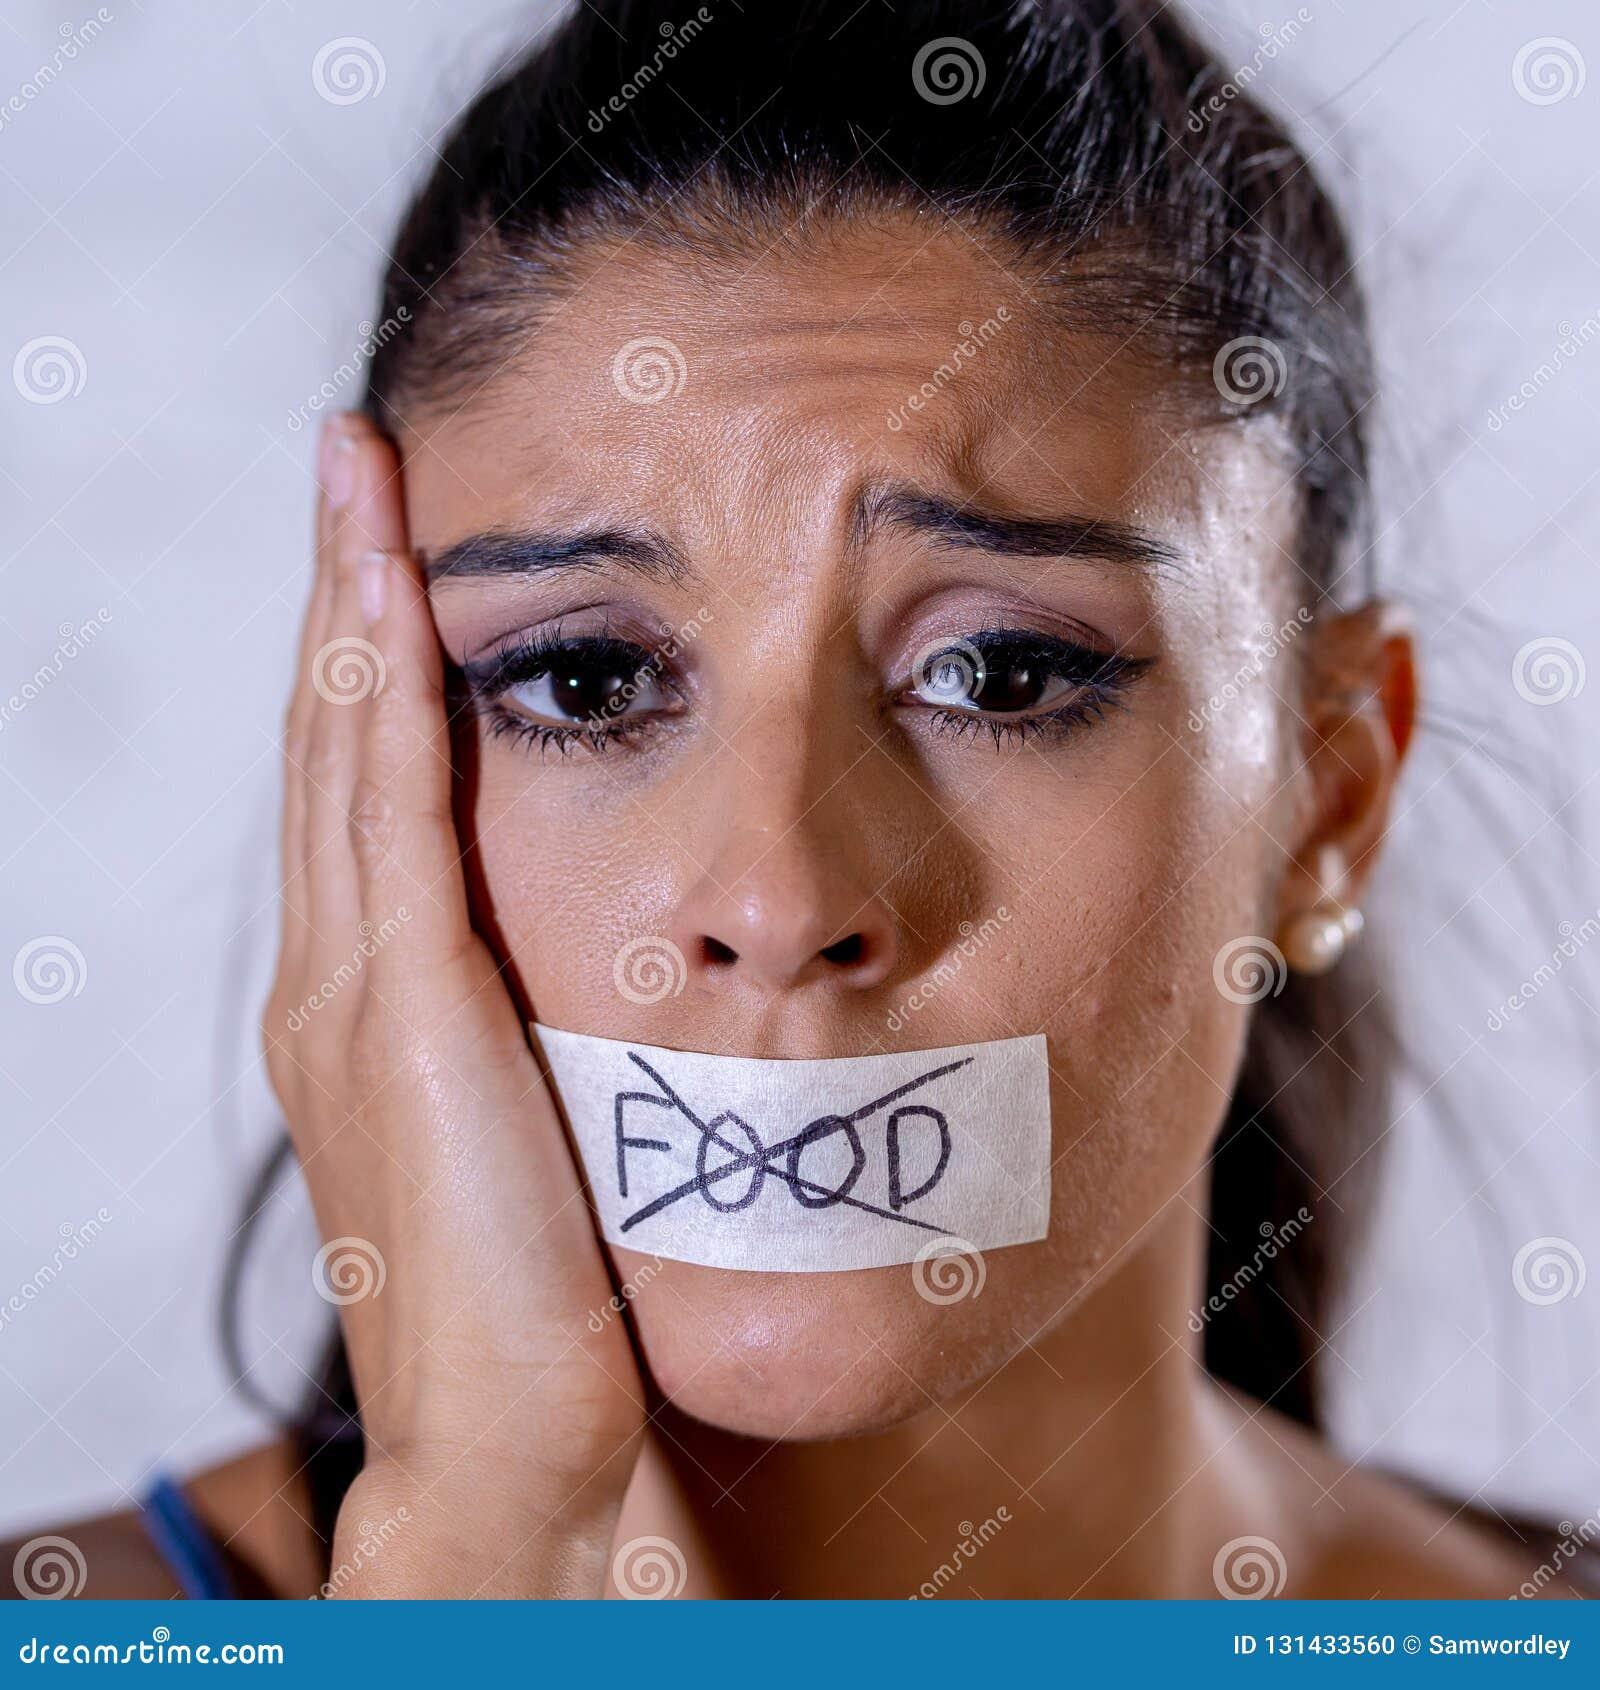 Κλείστε επάνω το πορτρέτο της νέας ελκυστικής λατινικής γυναίκας με το στόμα που δεν σφραγίζεται στην ταινία ραβδιών με το κείμεν